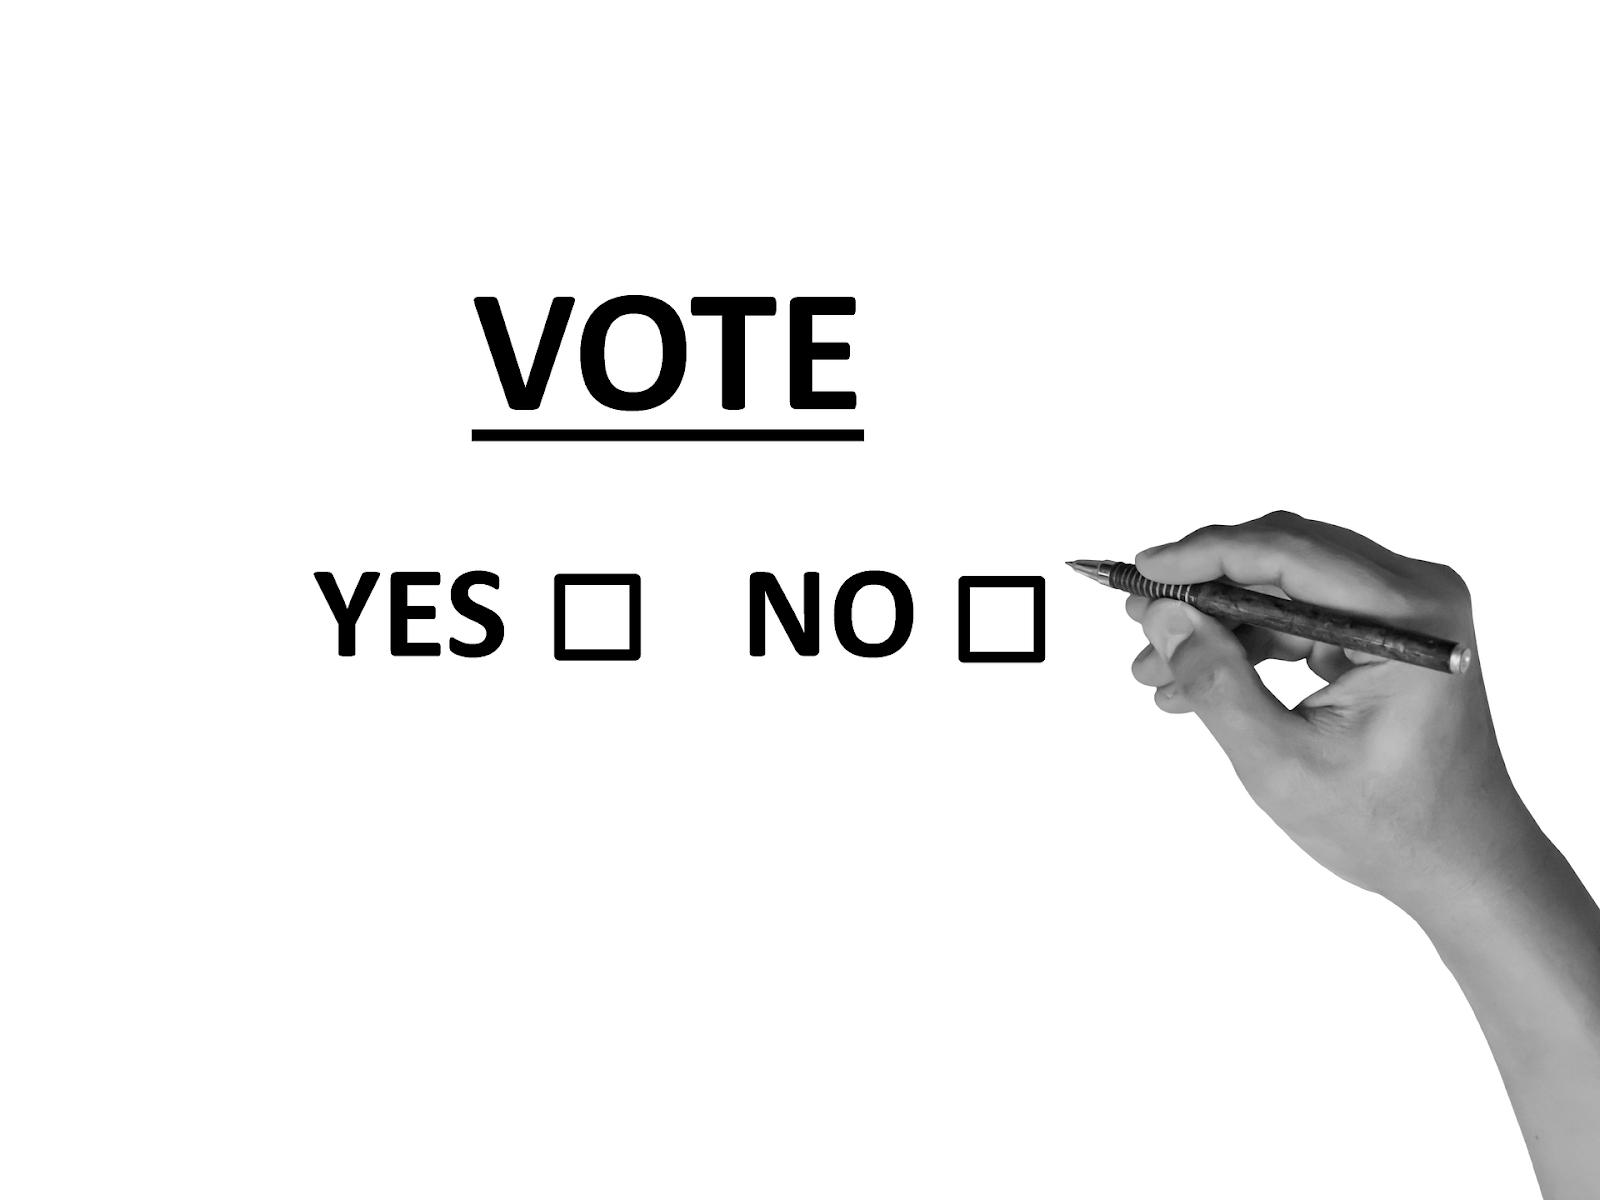 若者の選挙離れの原因とは?投票率が低い理由と問題点を分析